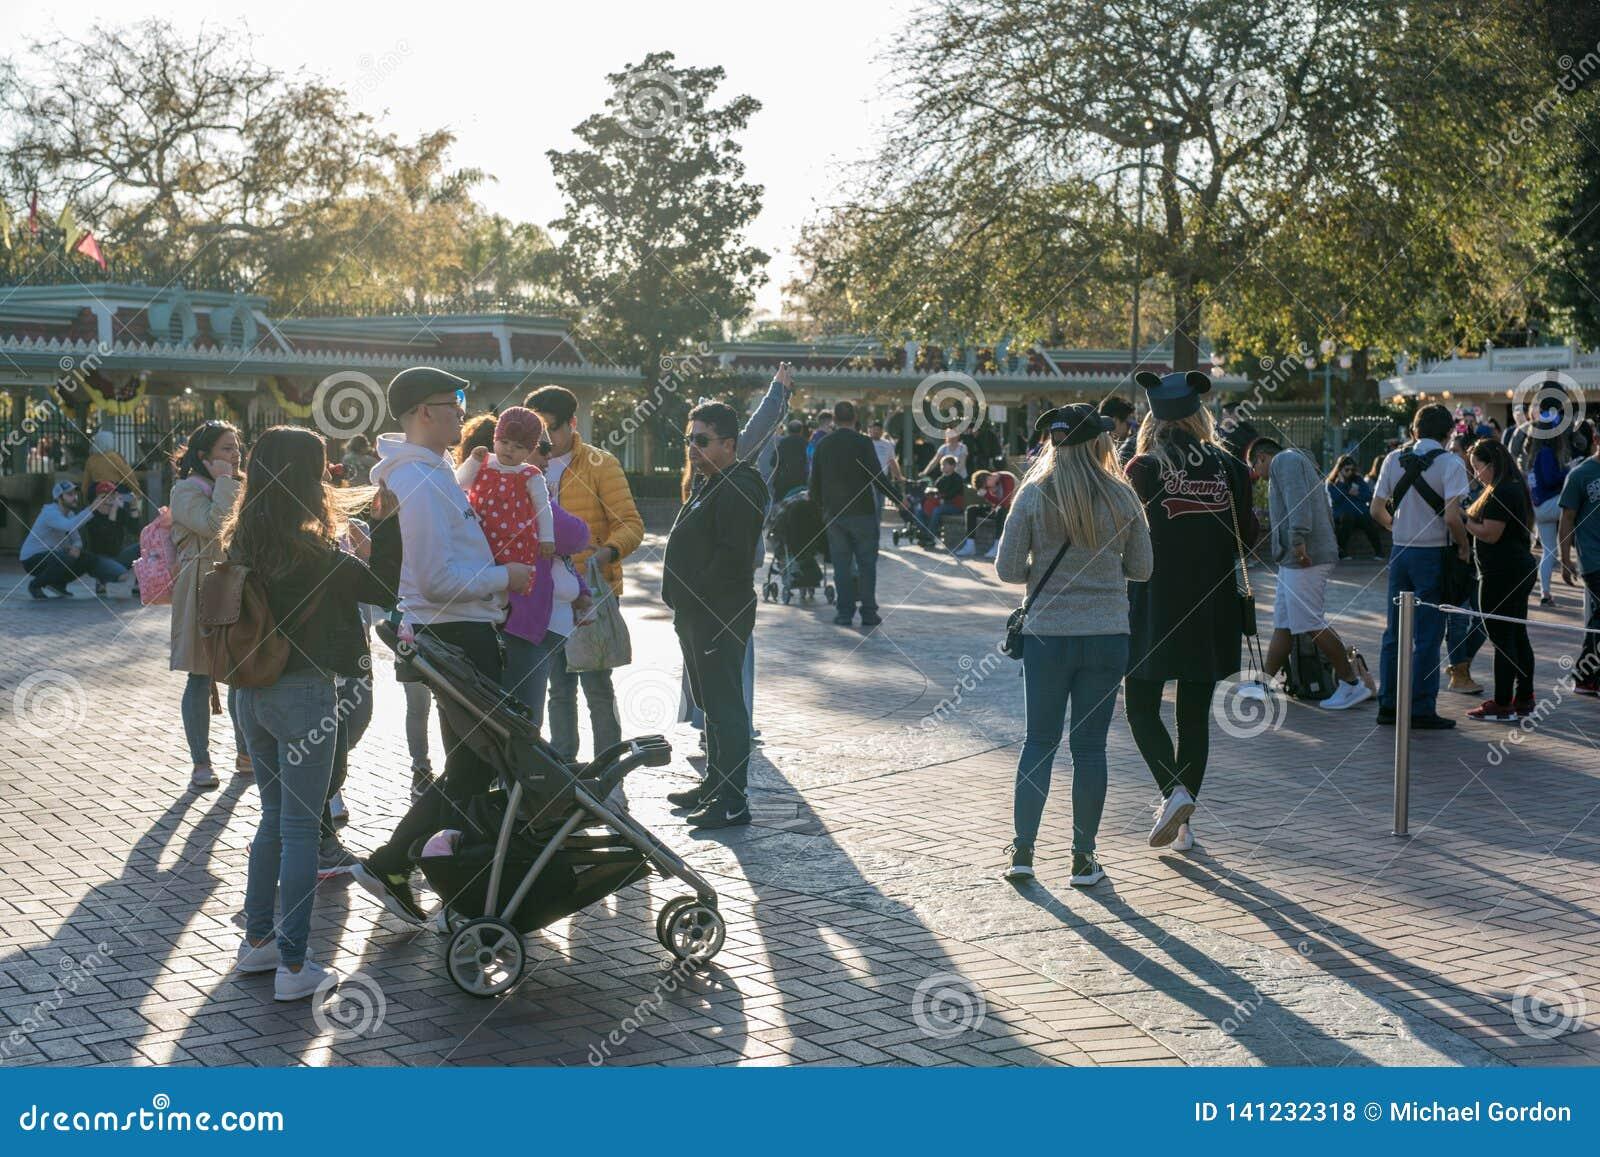 Parque temático de Disneyland Resort en Anaheim, California